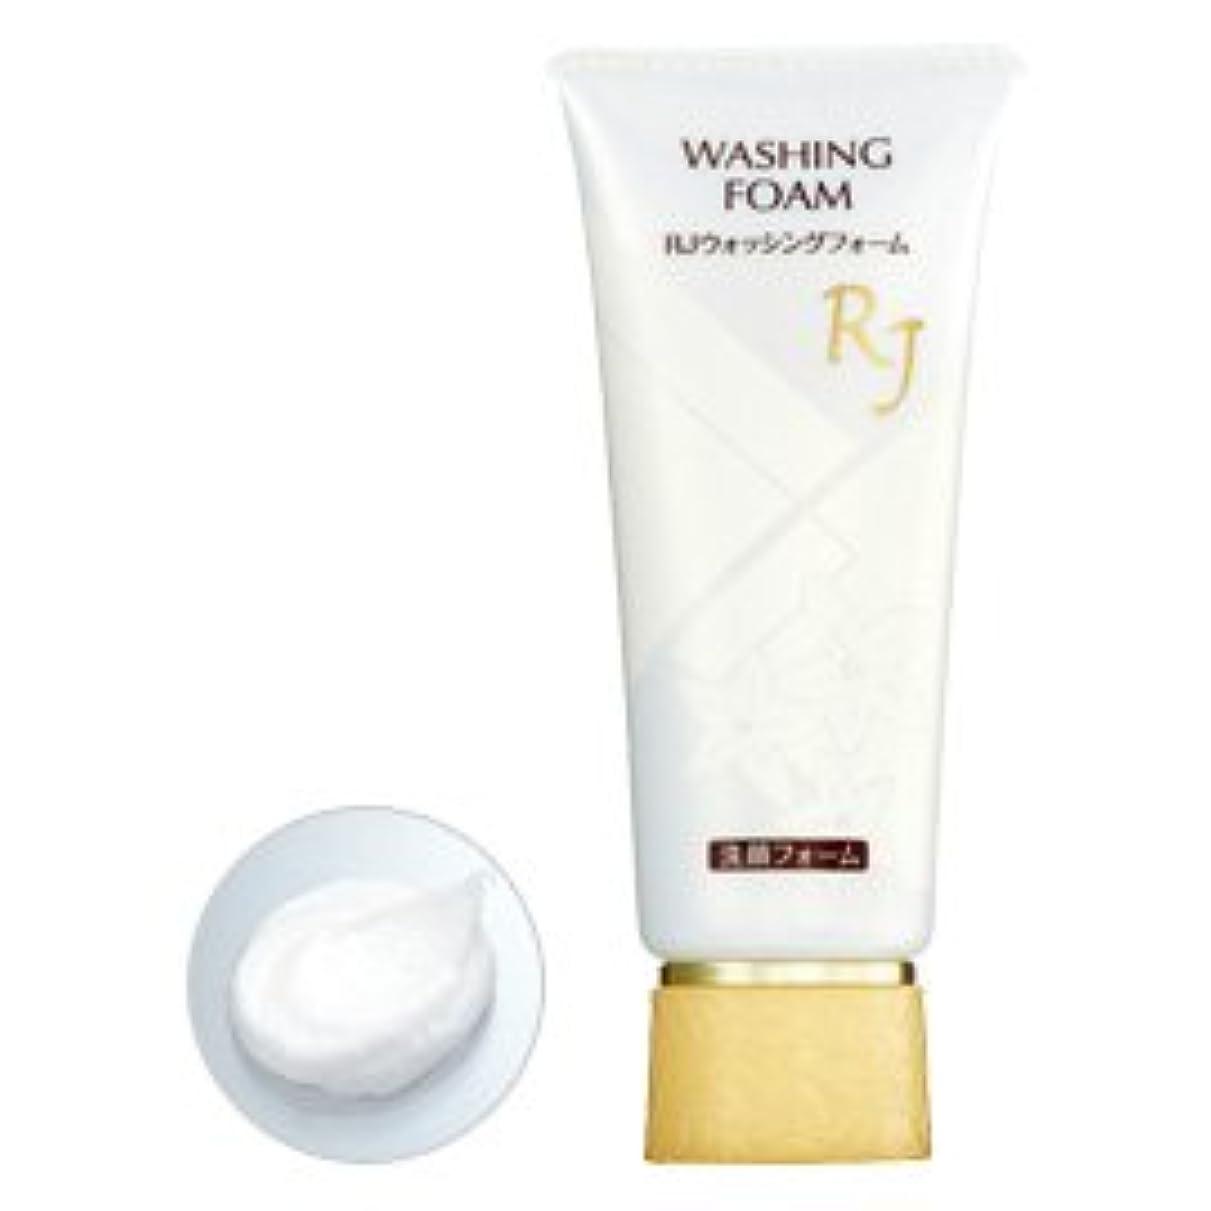 摘む規定予想するRJウォッシング(洗顔) フォーム 100g / RJ face wash <100g>